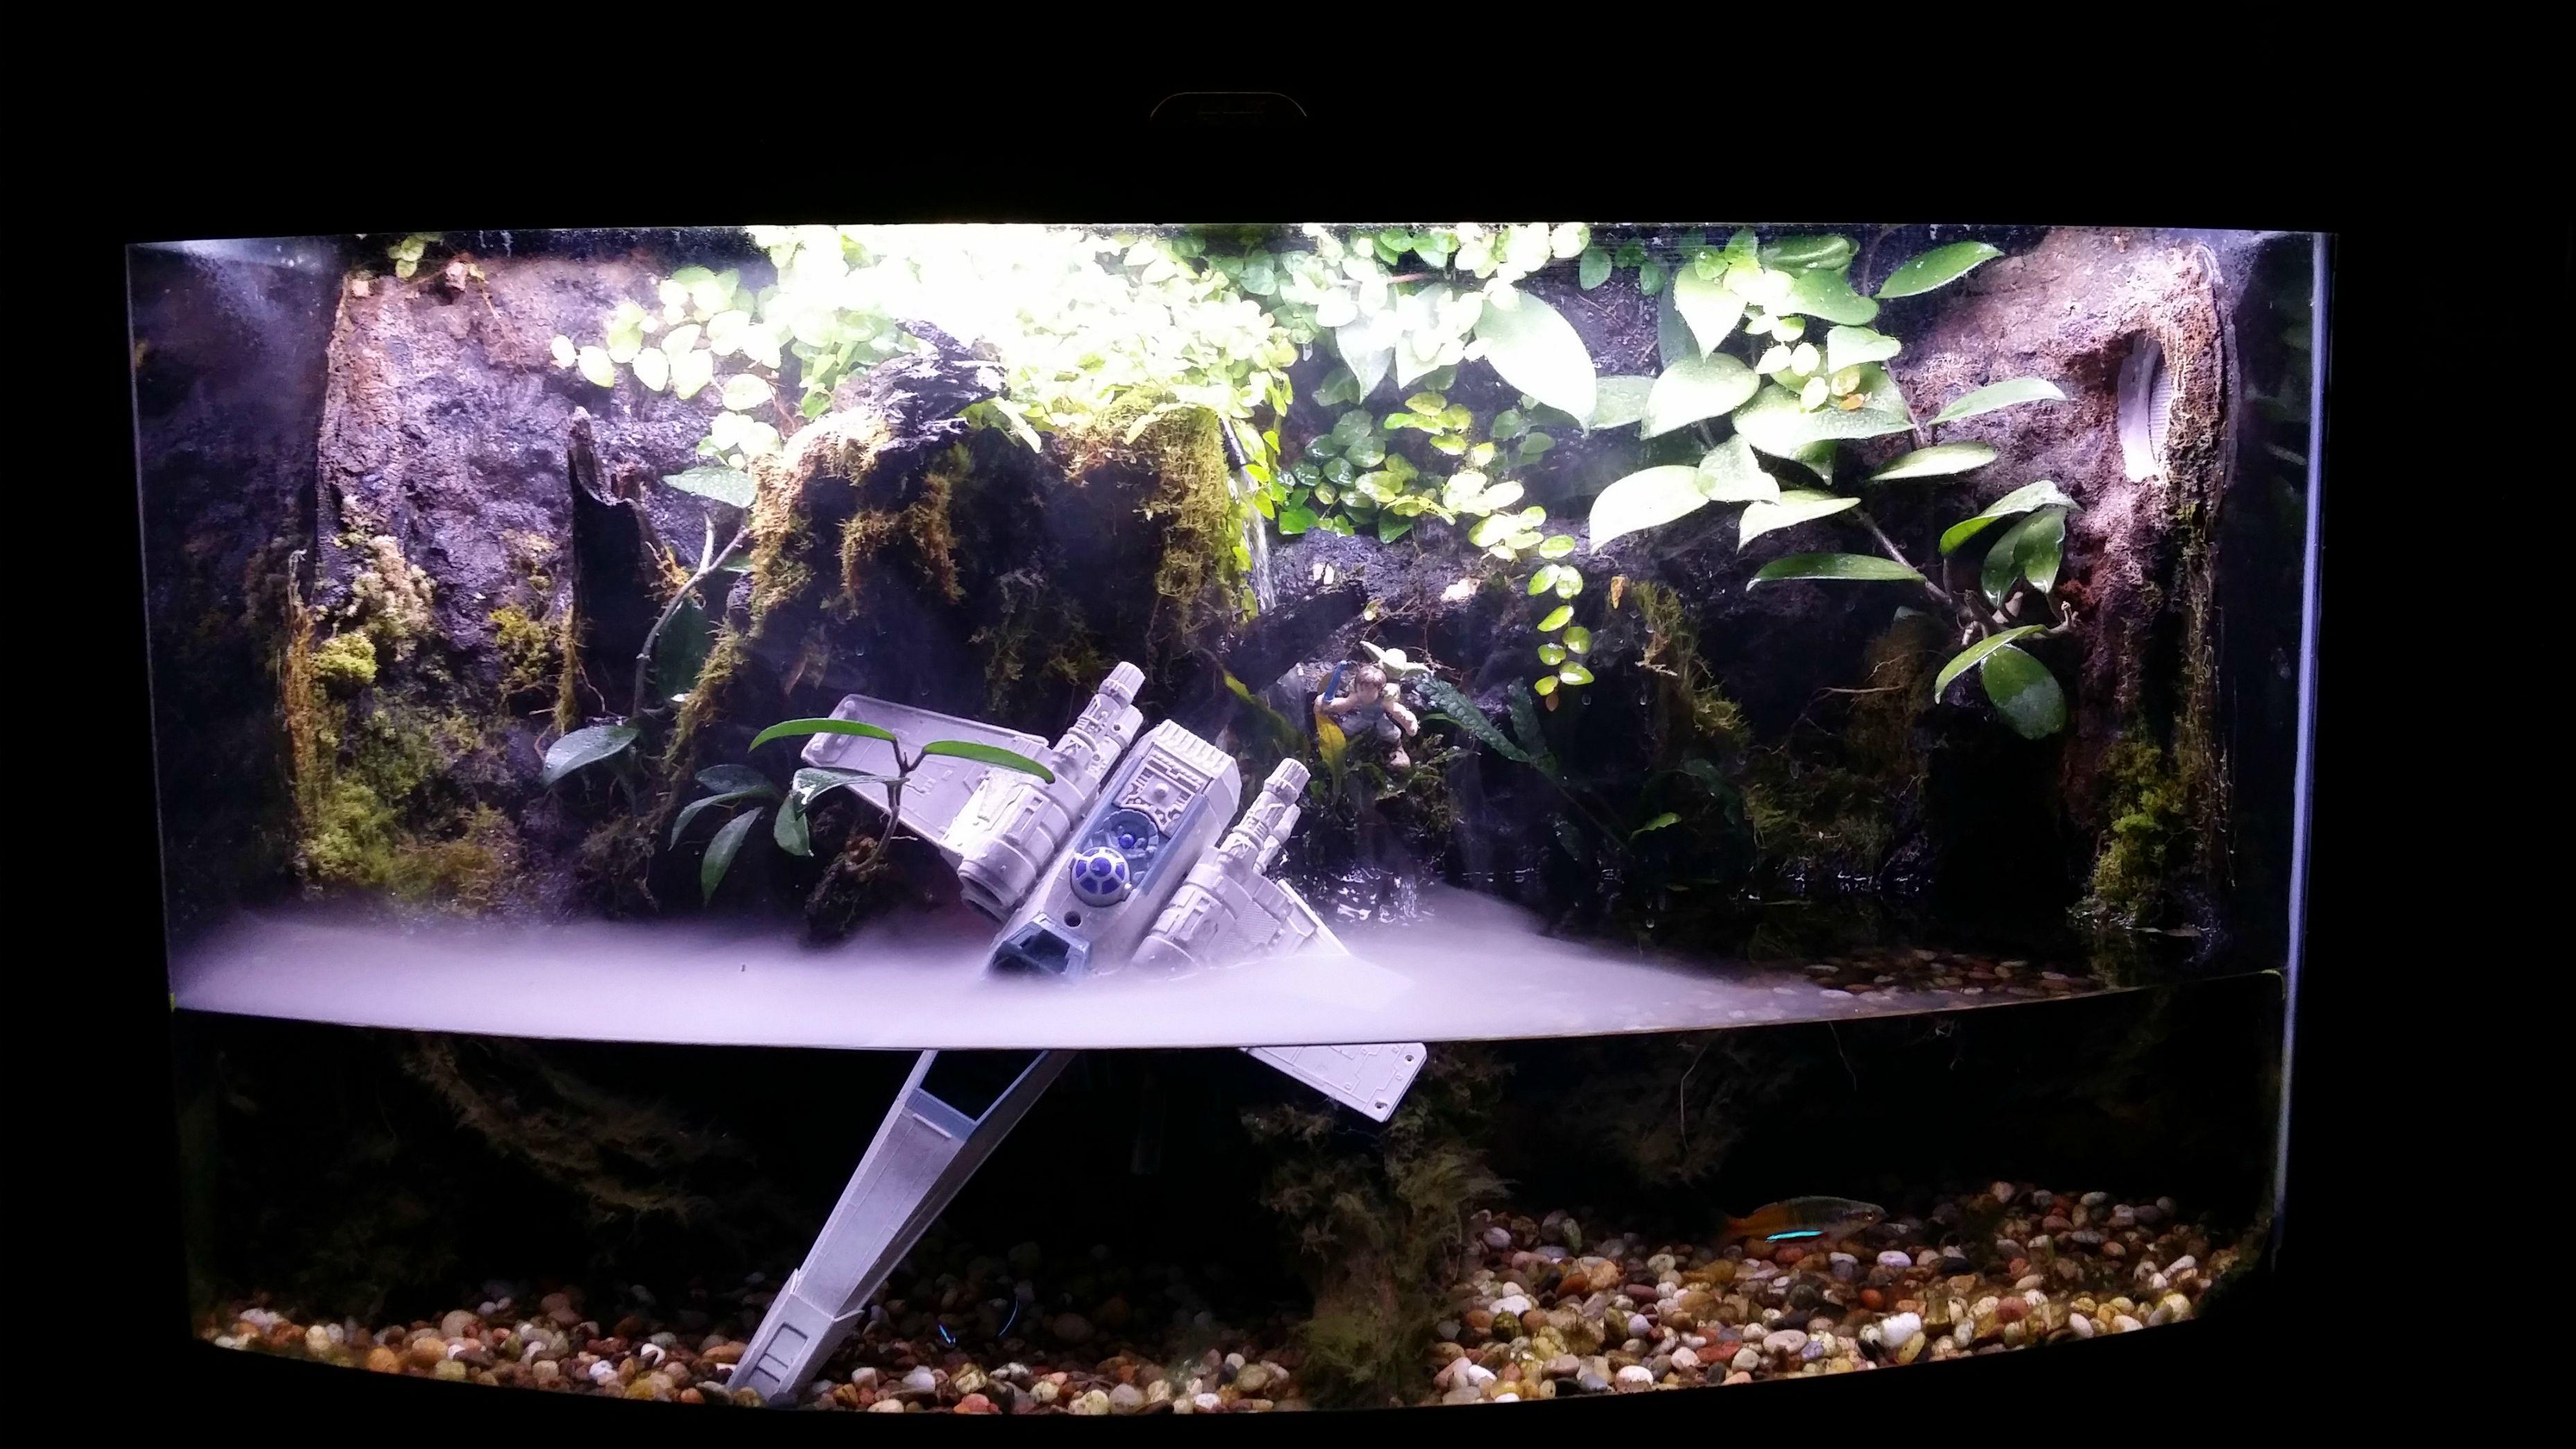 Xwing Terrarium Fish Tank Aquarium Terrarium